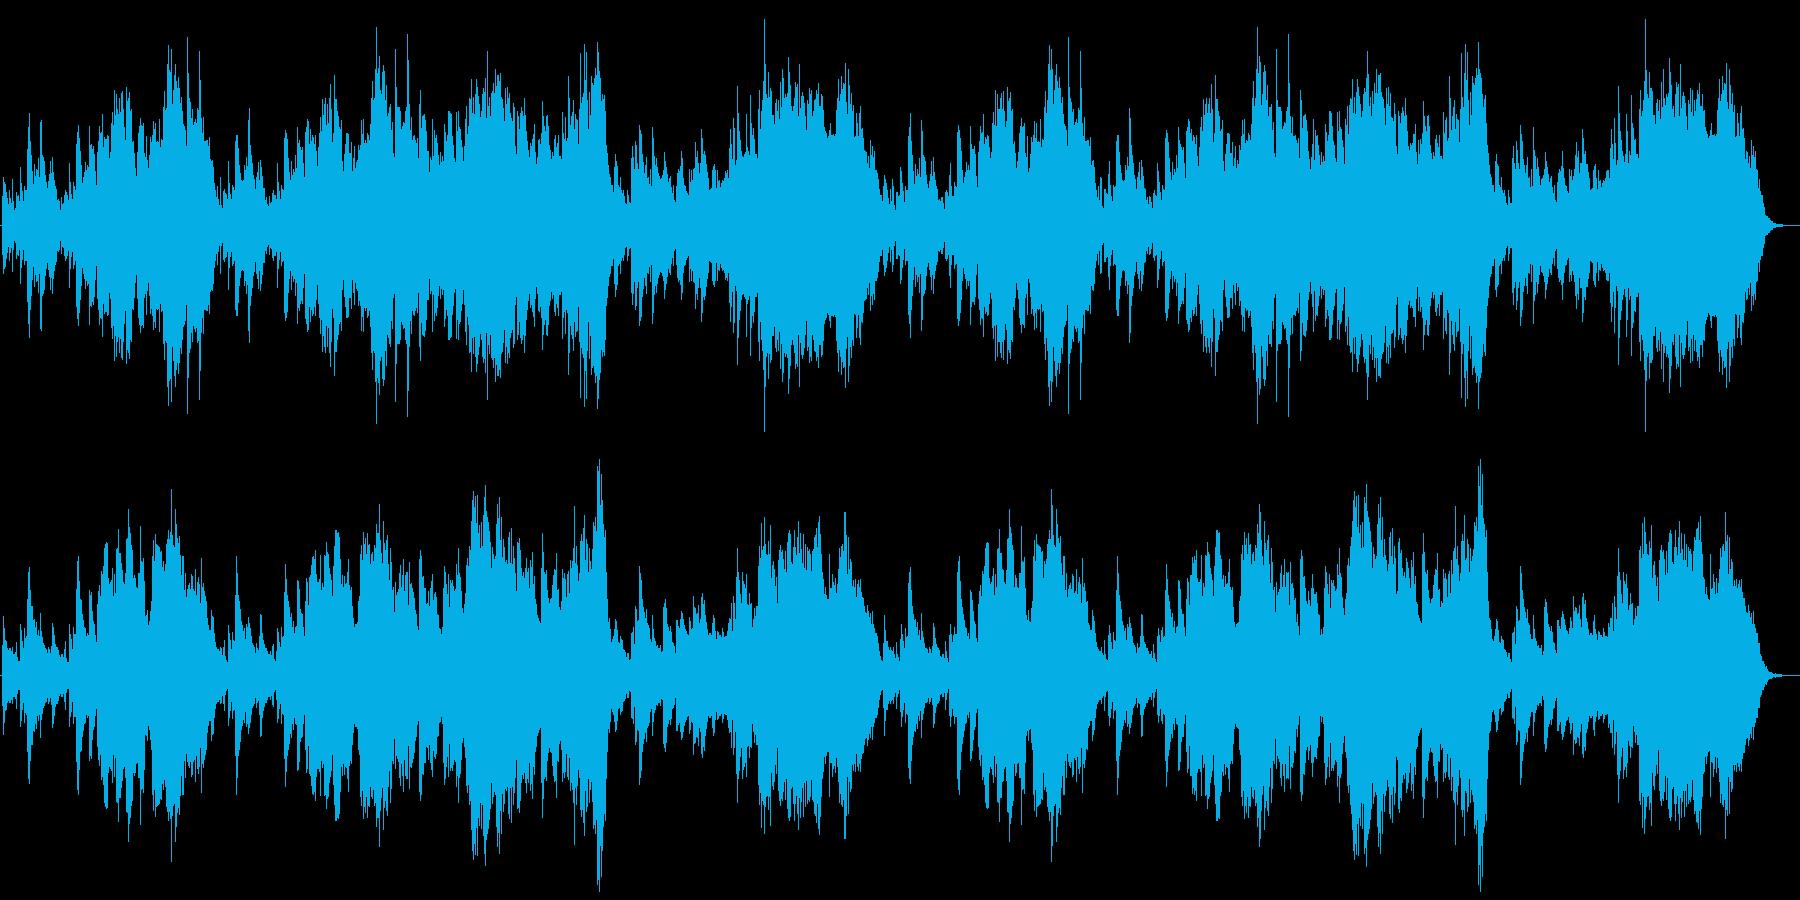 可愛らしいヒーリング・ワルツの再生済みの波形